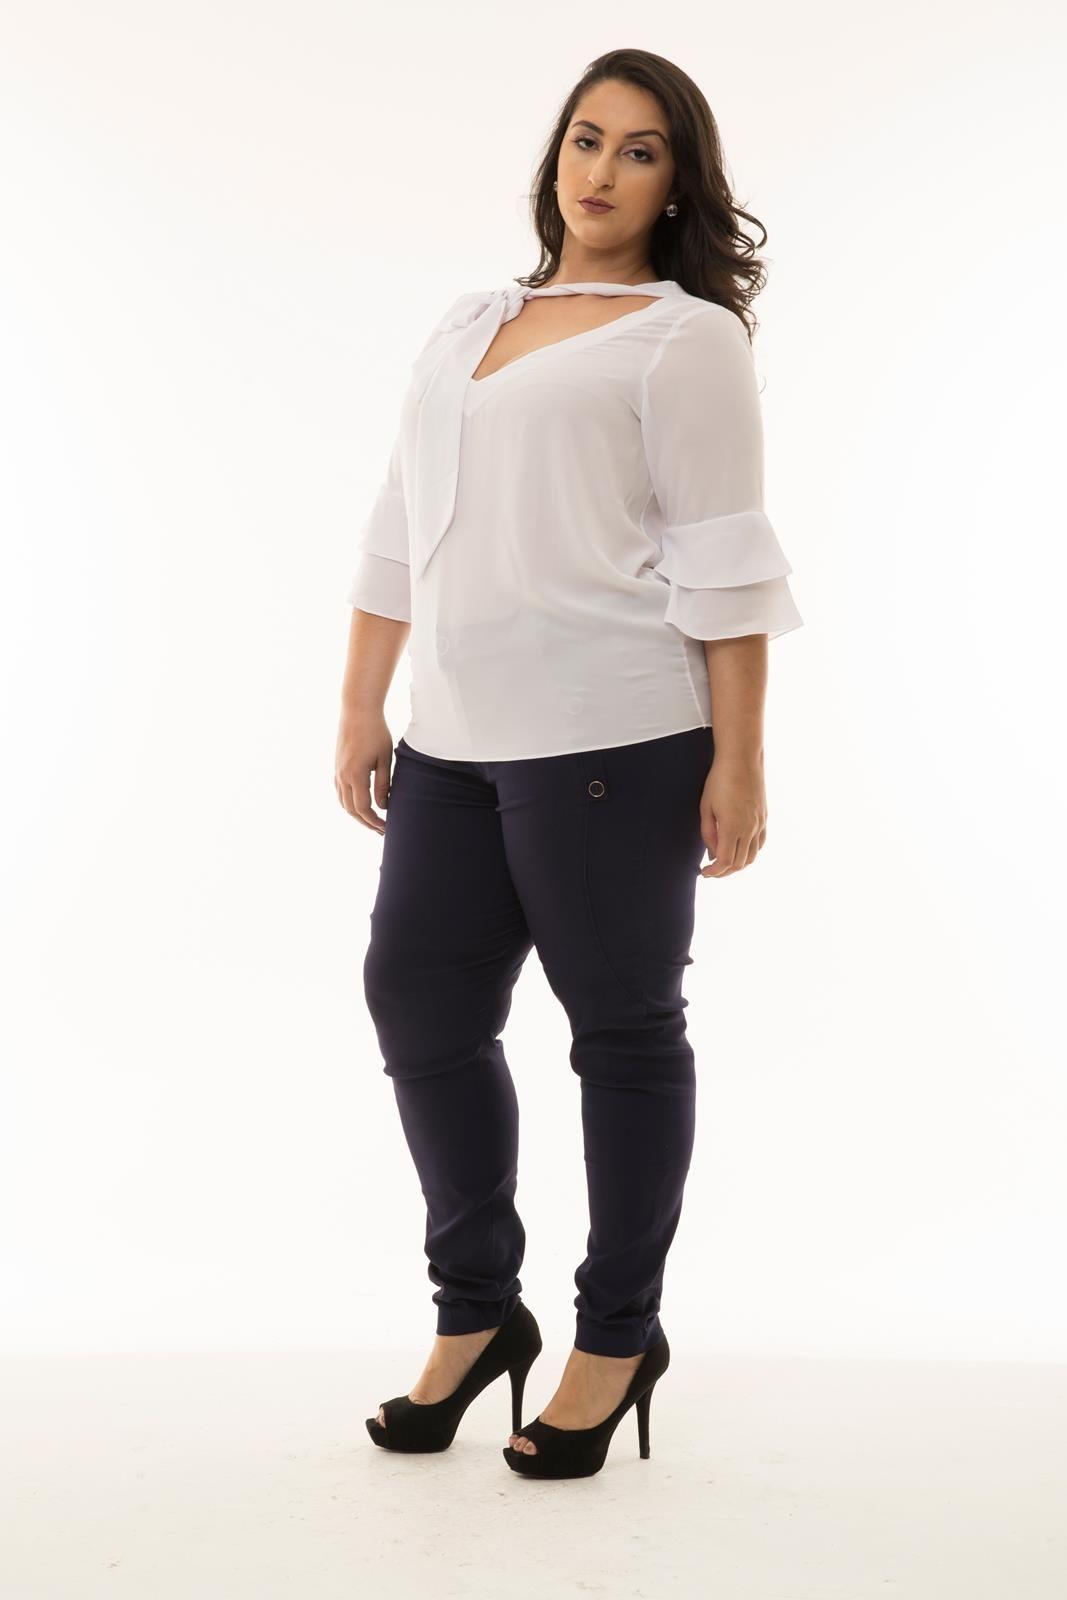 Blusa Plus Size branca  babados